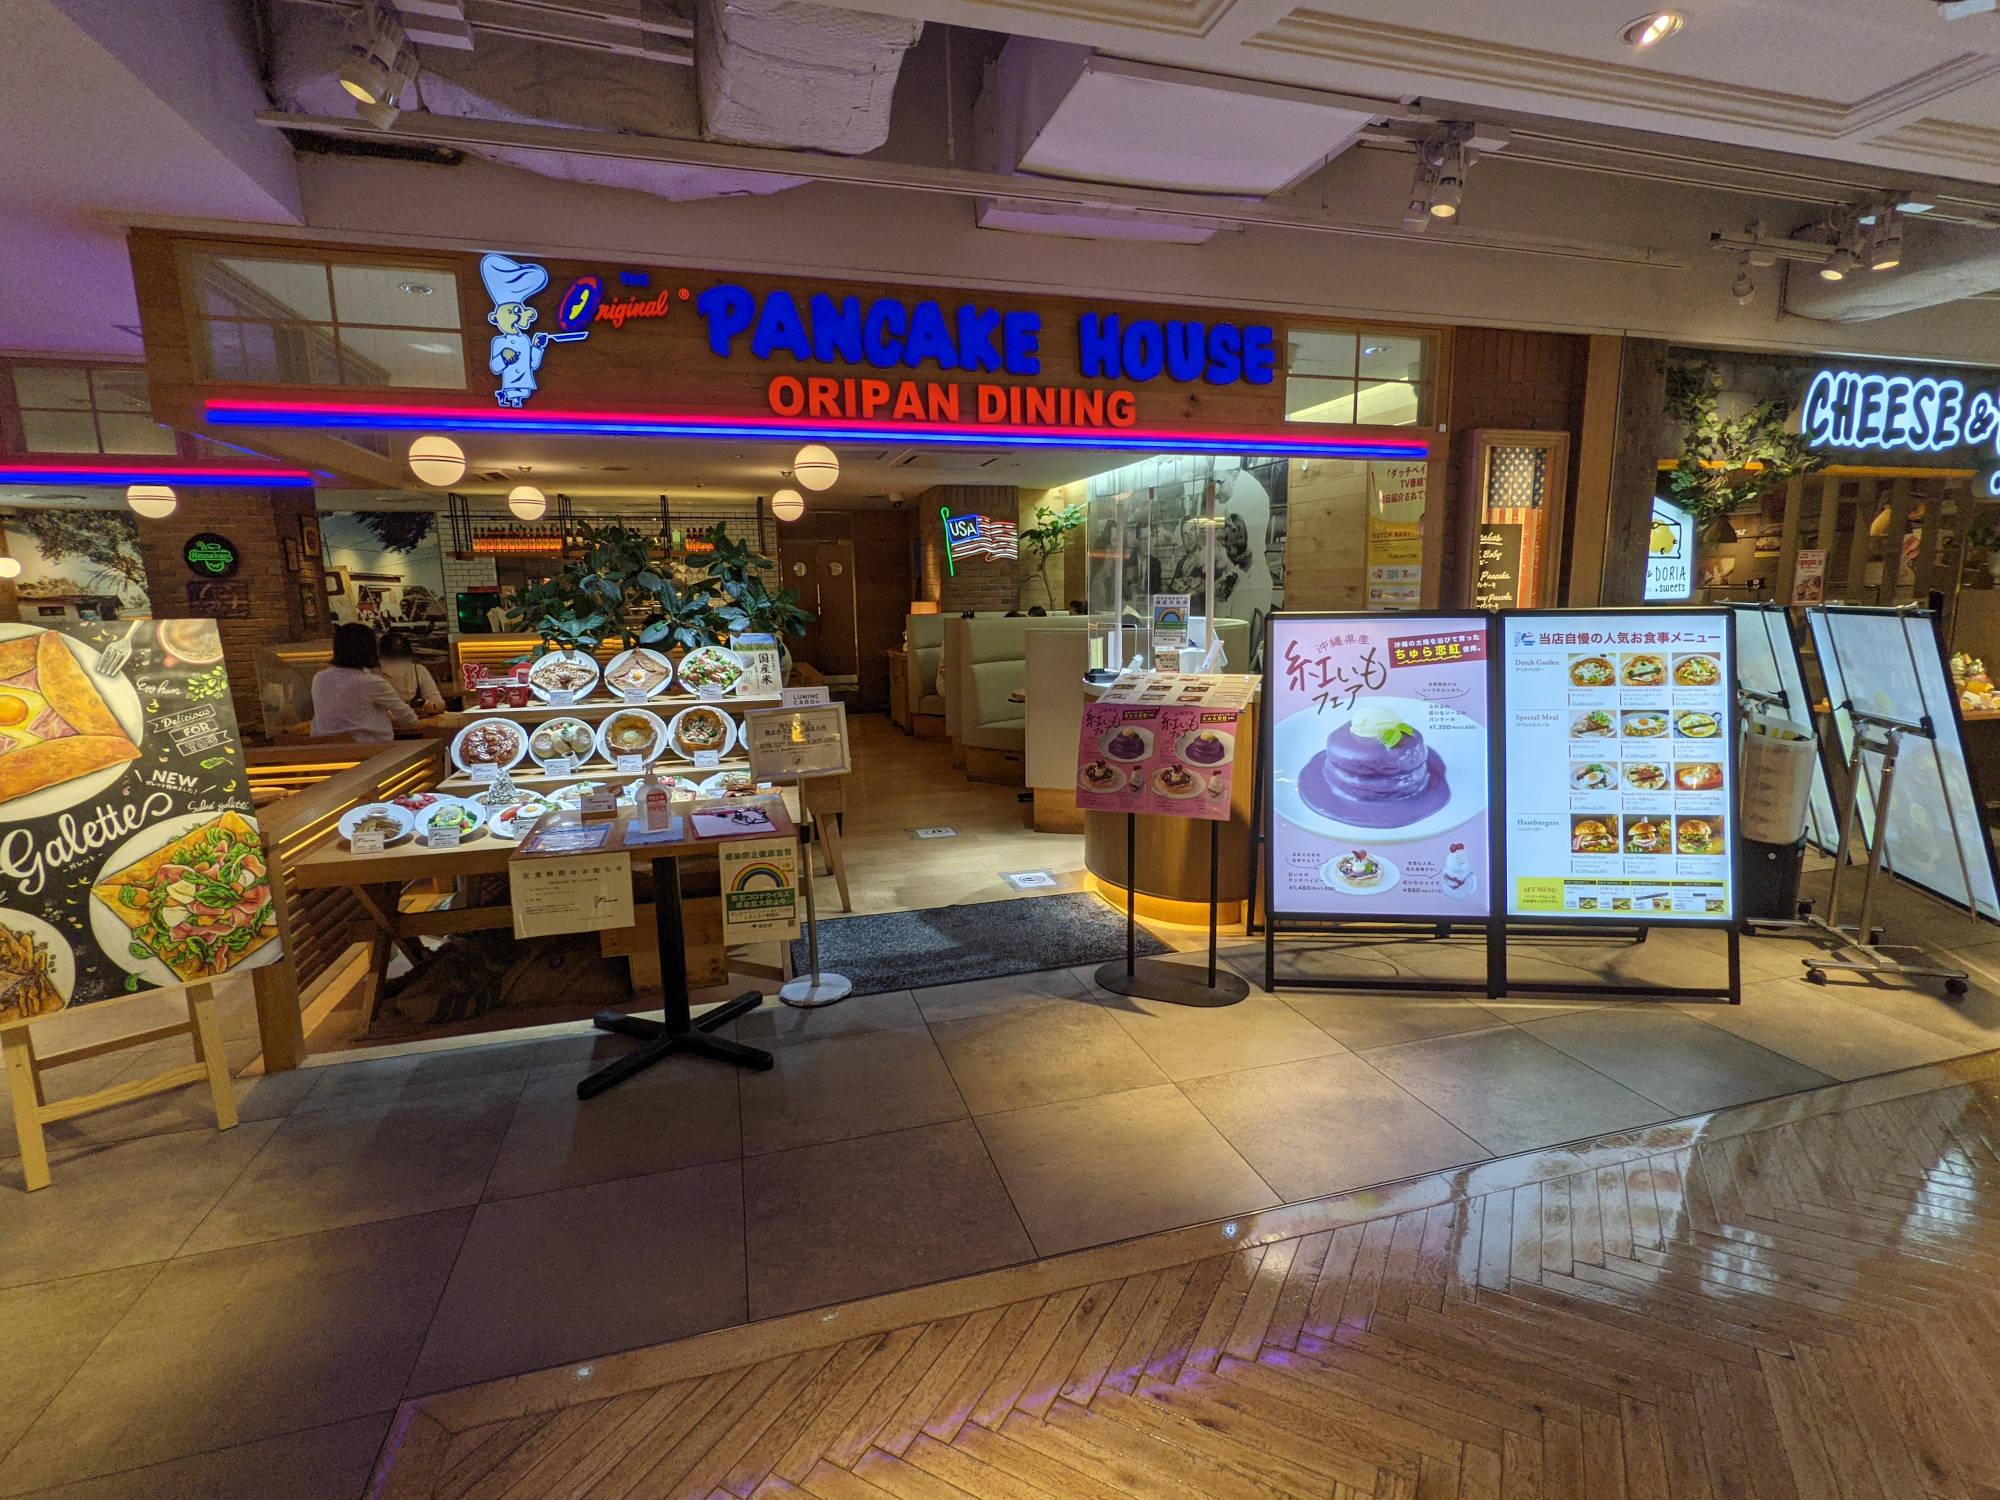 オリジナルパンケーキハウス 新宿店の外観